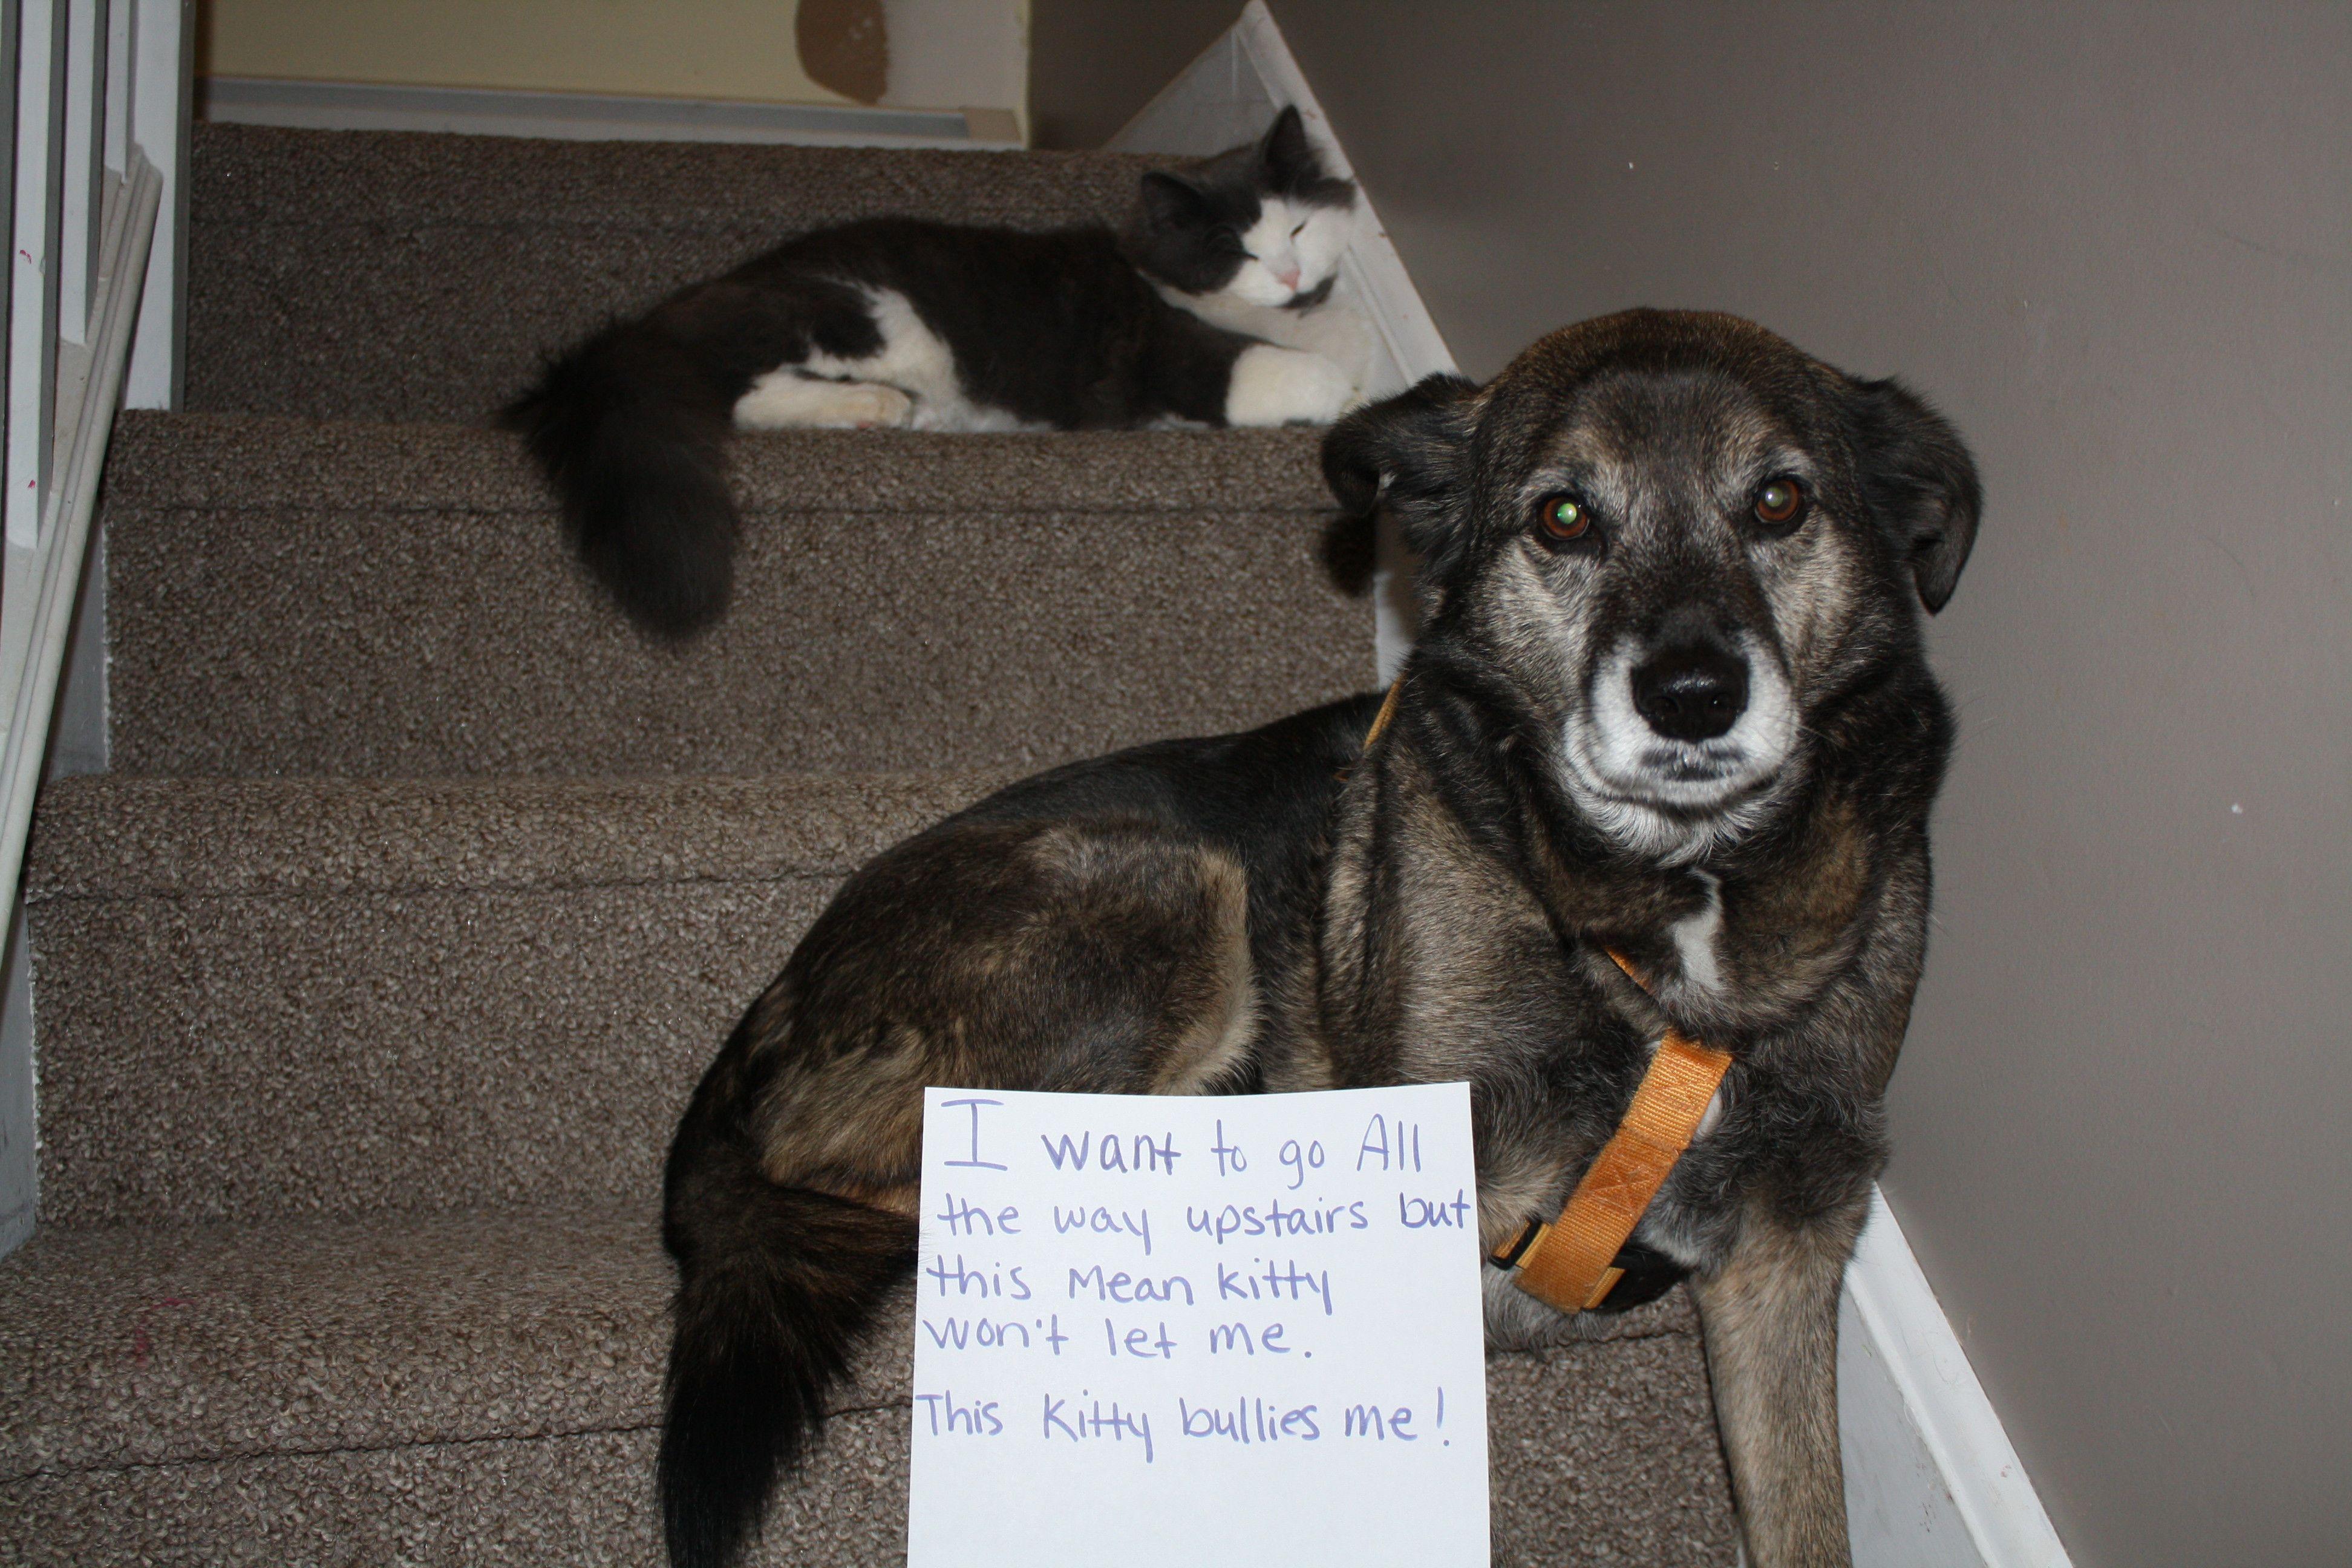 I Let This Kitty Bully Me Funny Dog Signs Animal Shaming Dog Shaming